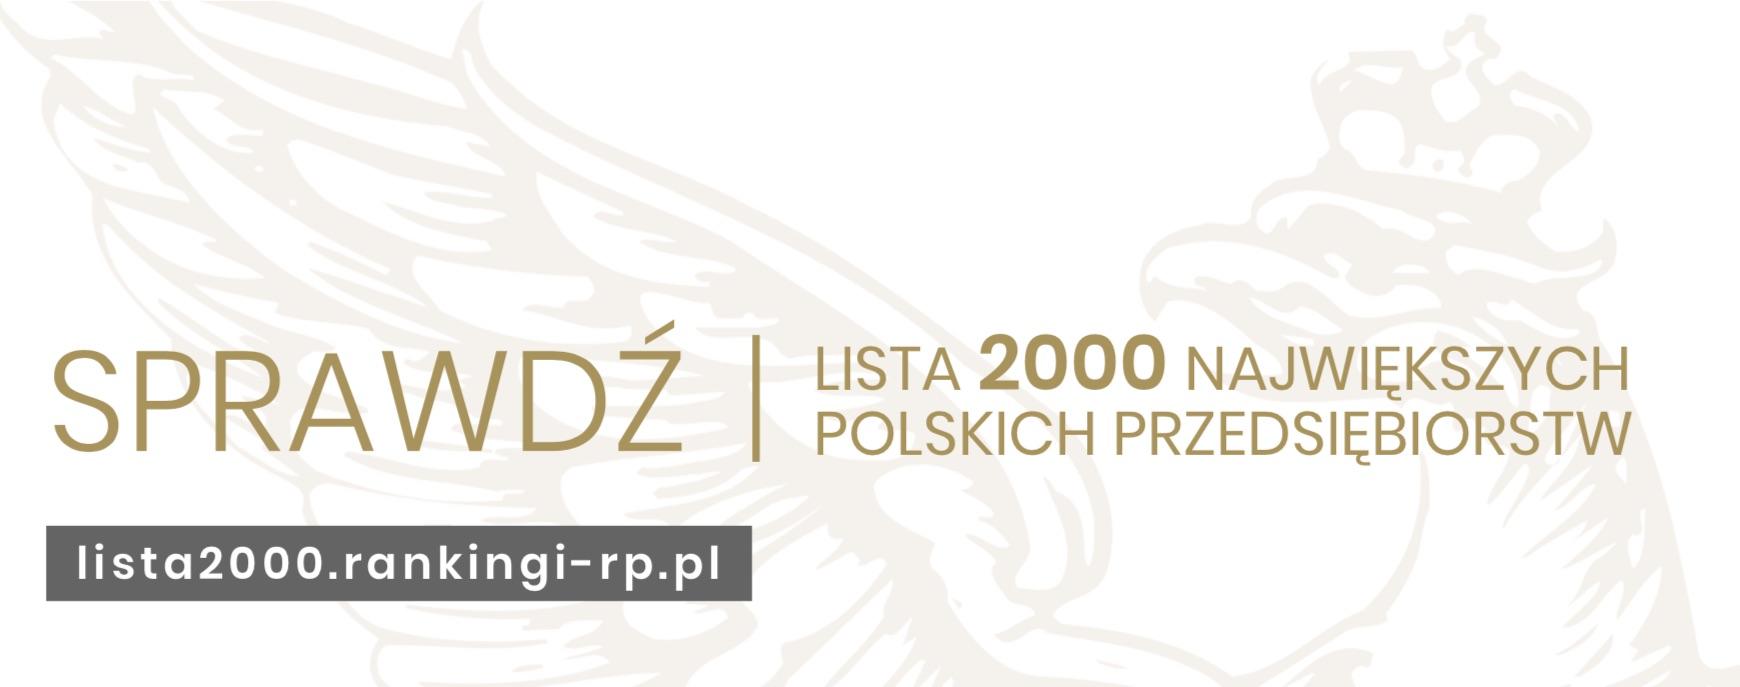 RP2518591212.jpg